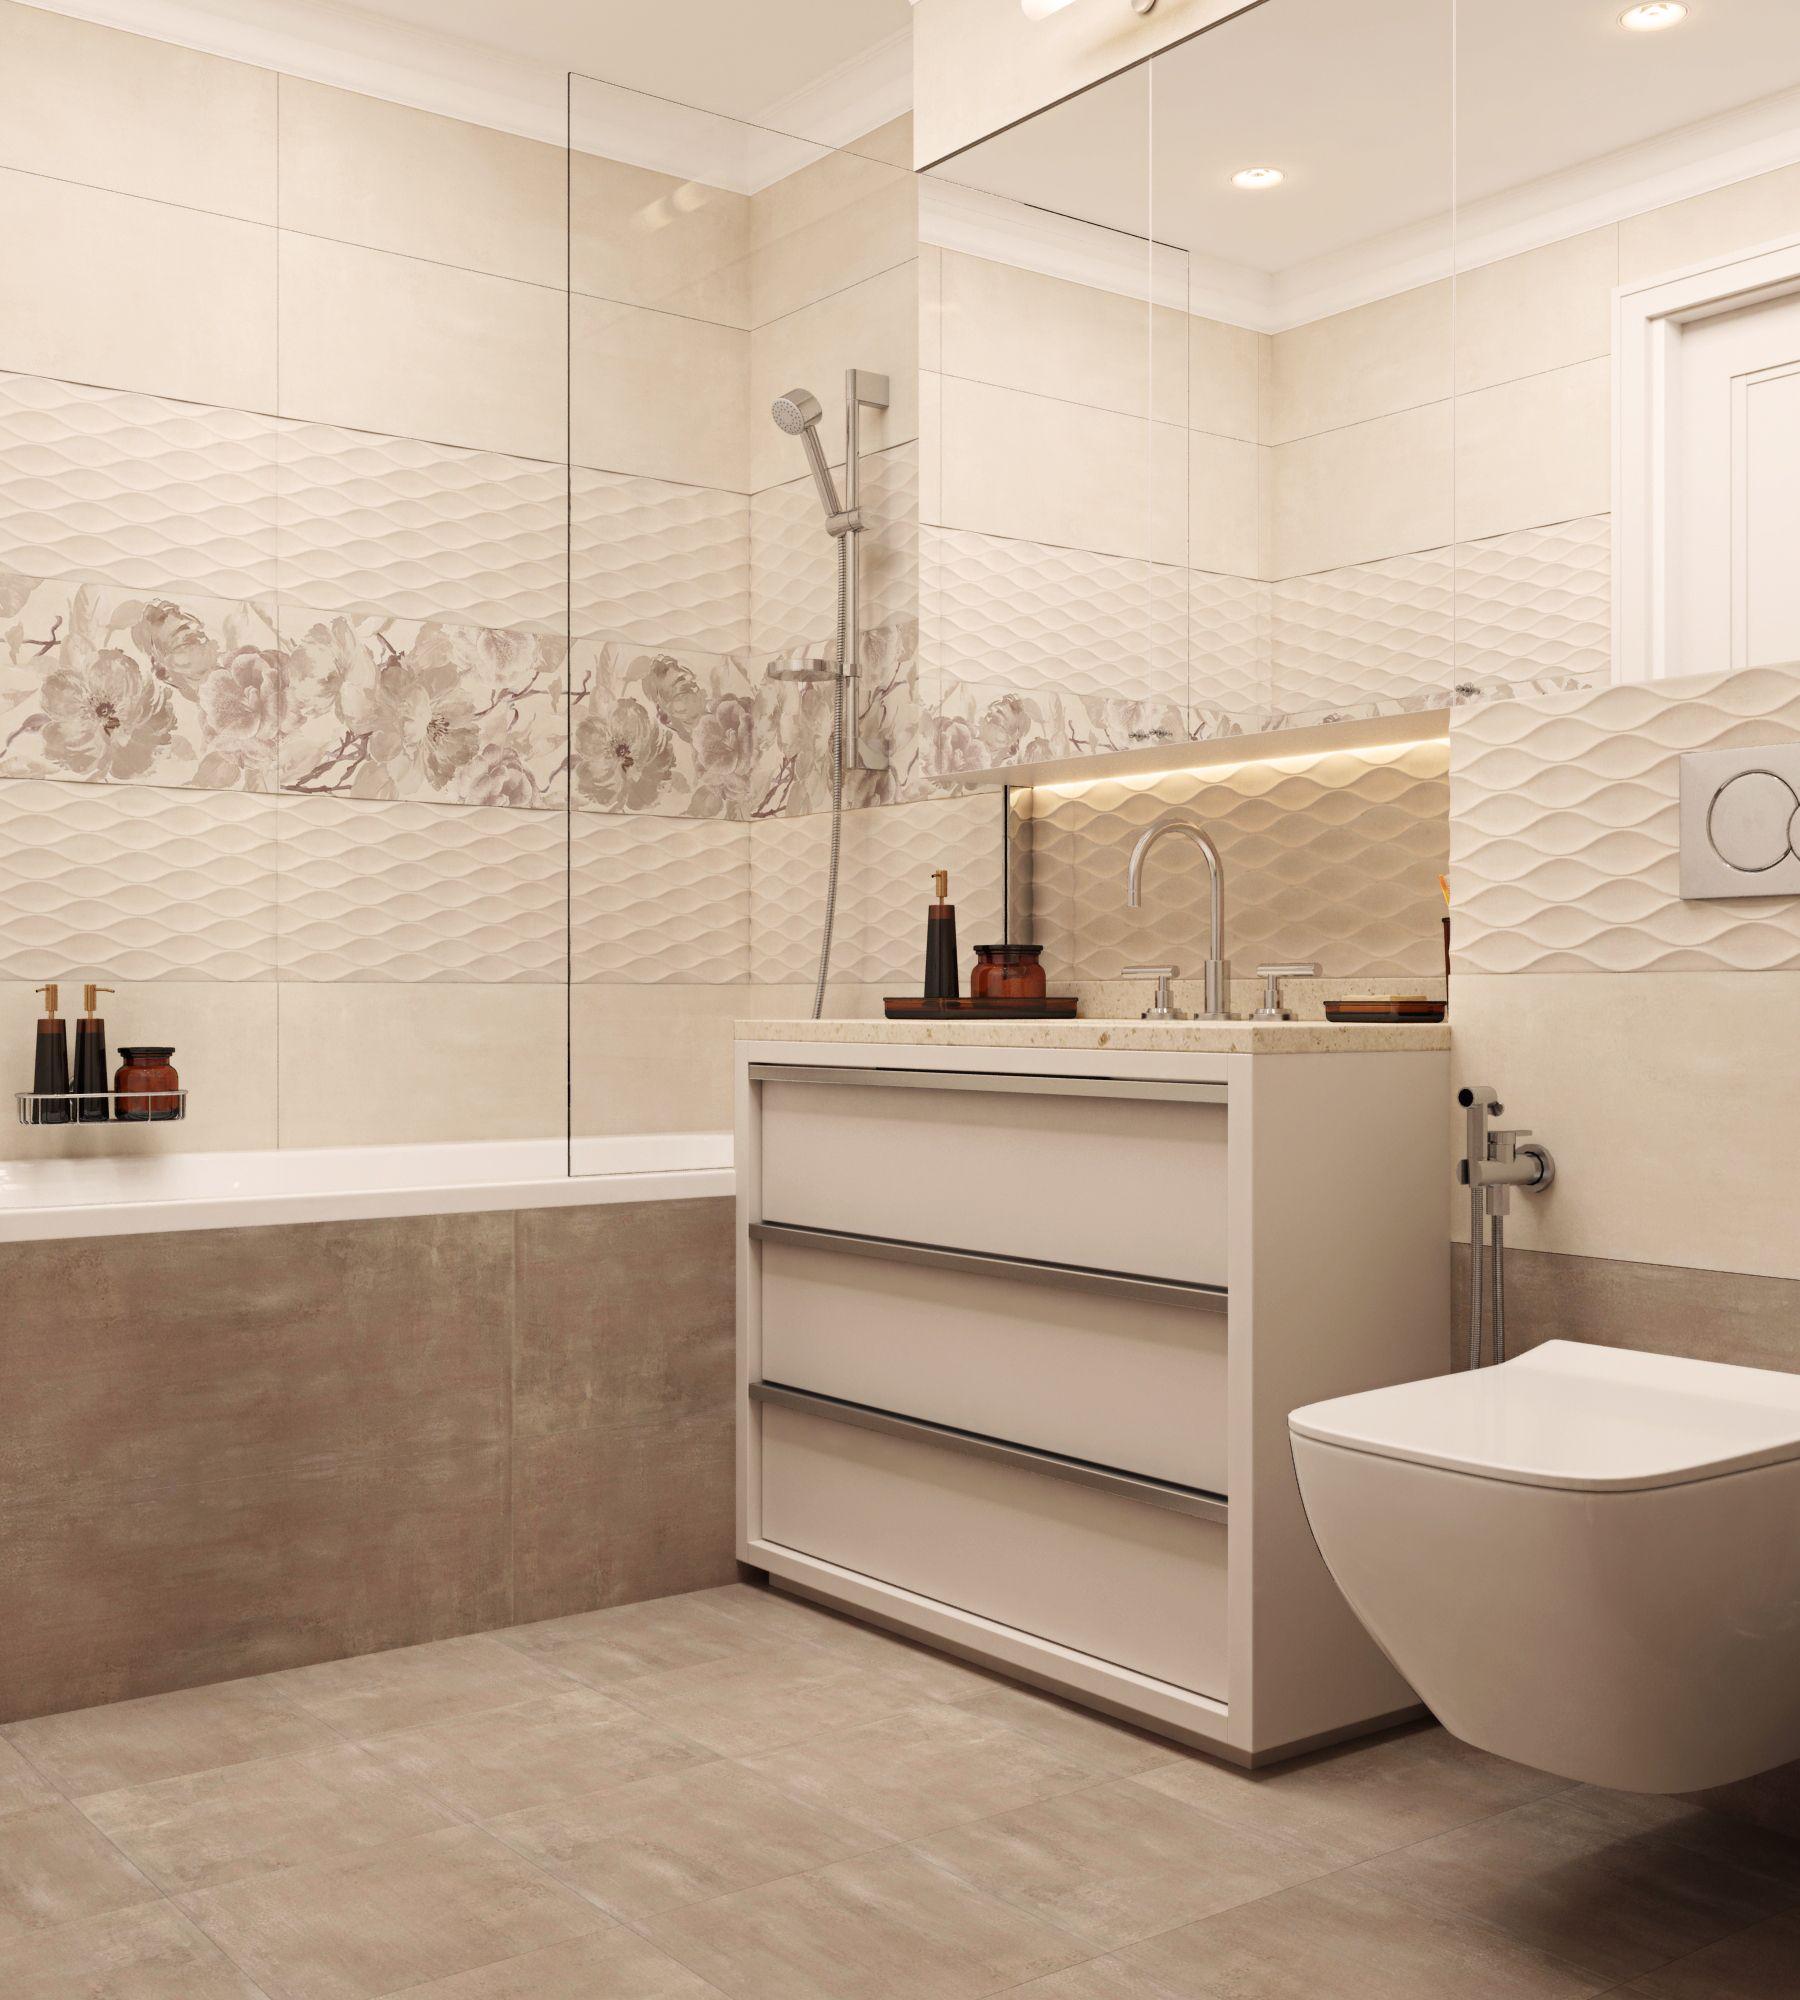 Интерьер жилого дома Галерея 3dddru: Ванная - Галерея 3ddd.ru